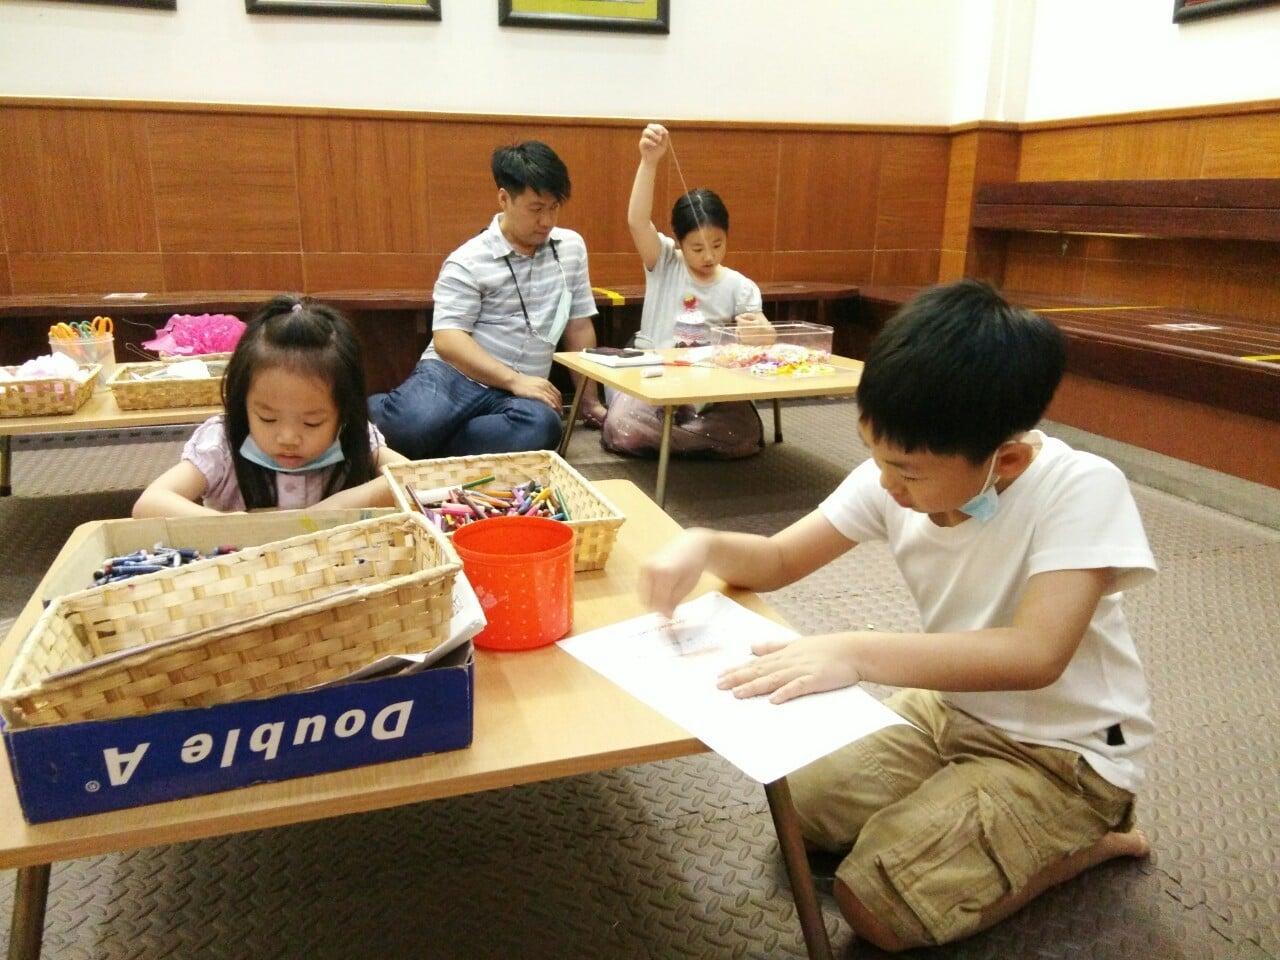 โครงการกิจกรรมเชิงปฏิบัติการแหล่งเรียนรู้ศิลปวัฒนธรรม ระหว่างวันที่ ๑๗ - ๒๑ กุมภาพันธ์ ๒๕๖๔